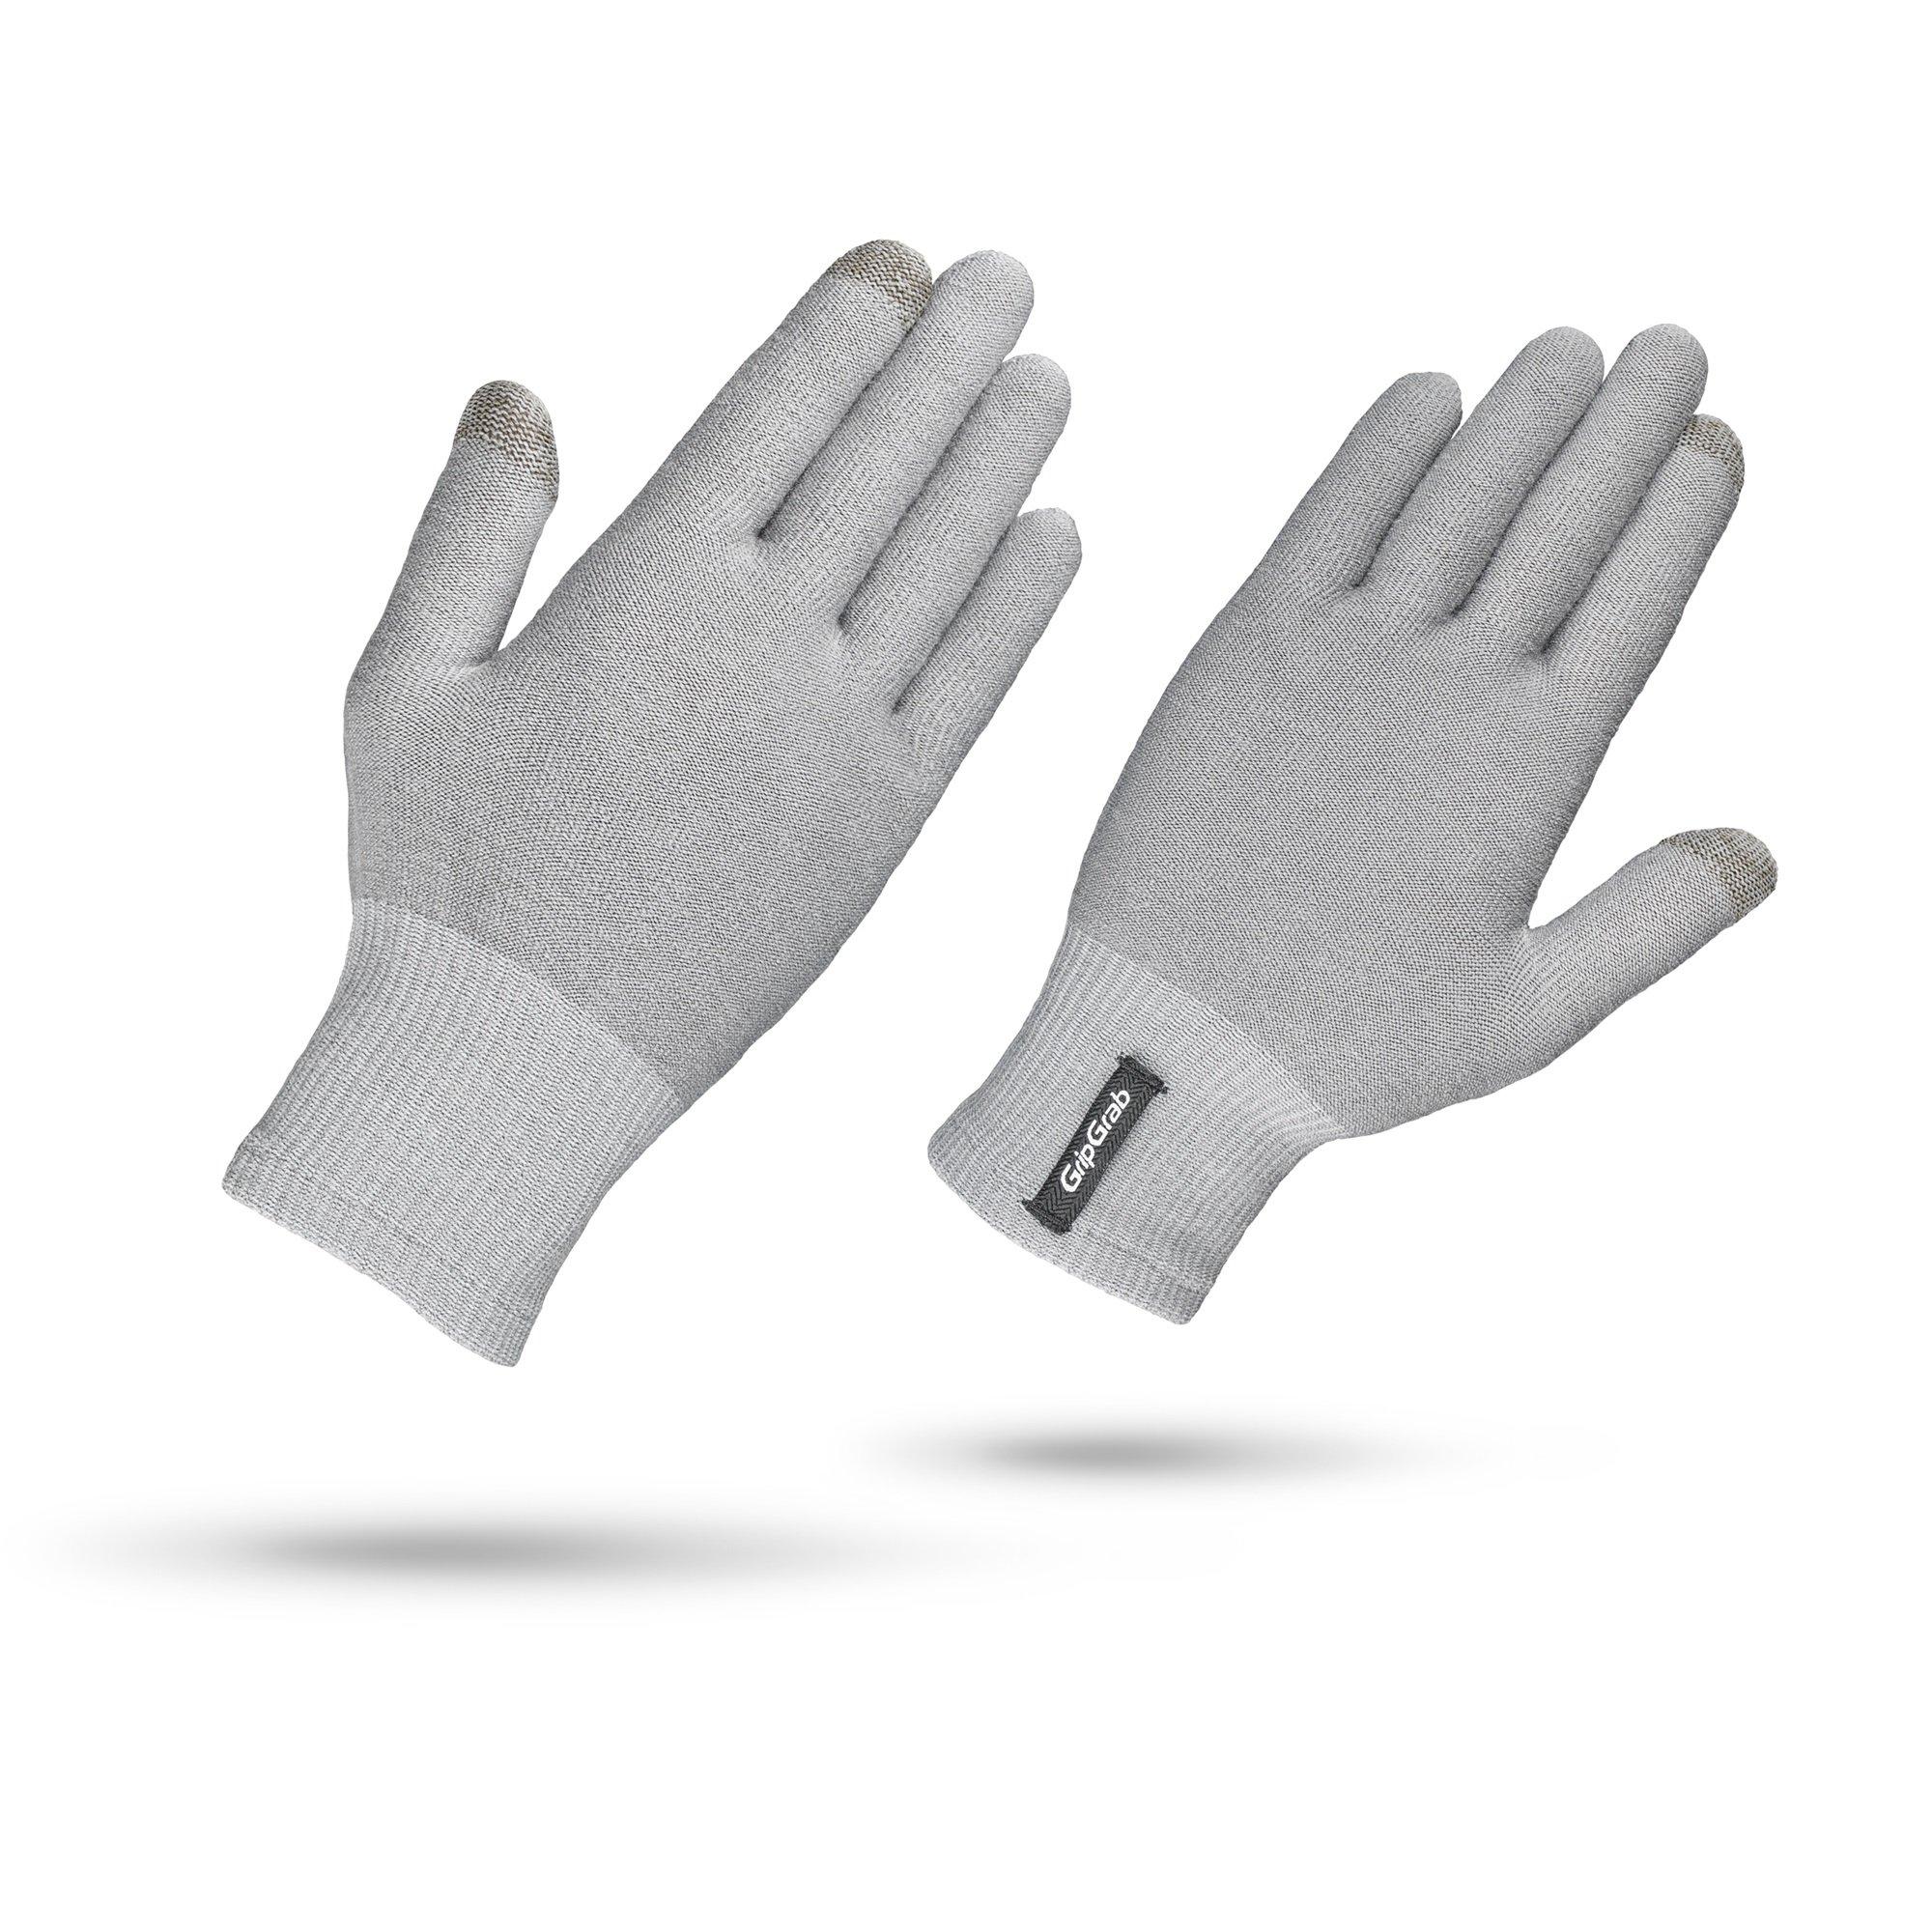 GripGrab Merino Liner handske grå Uden indpakning